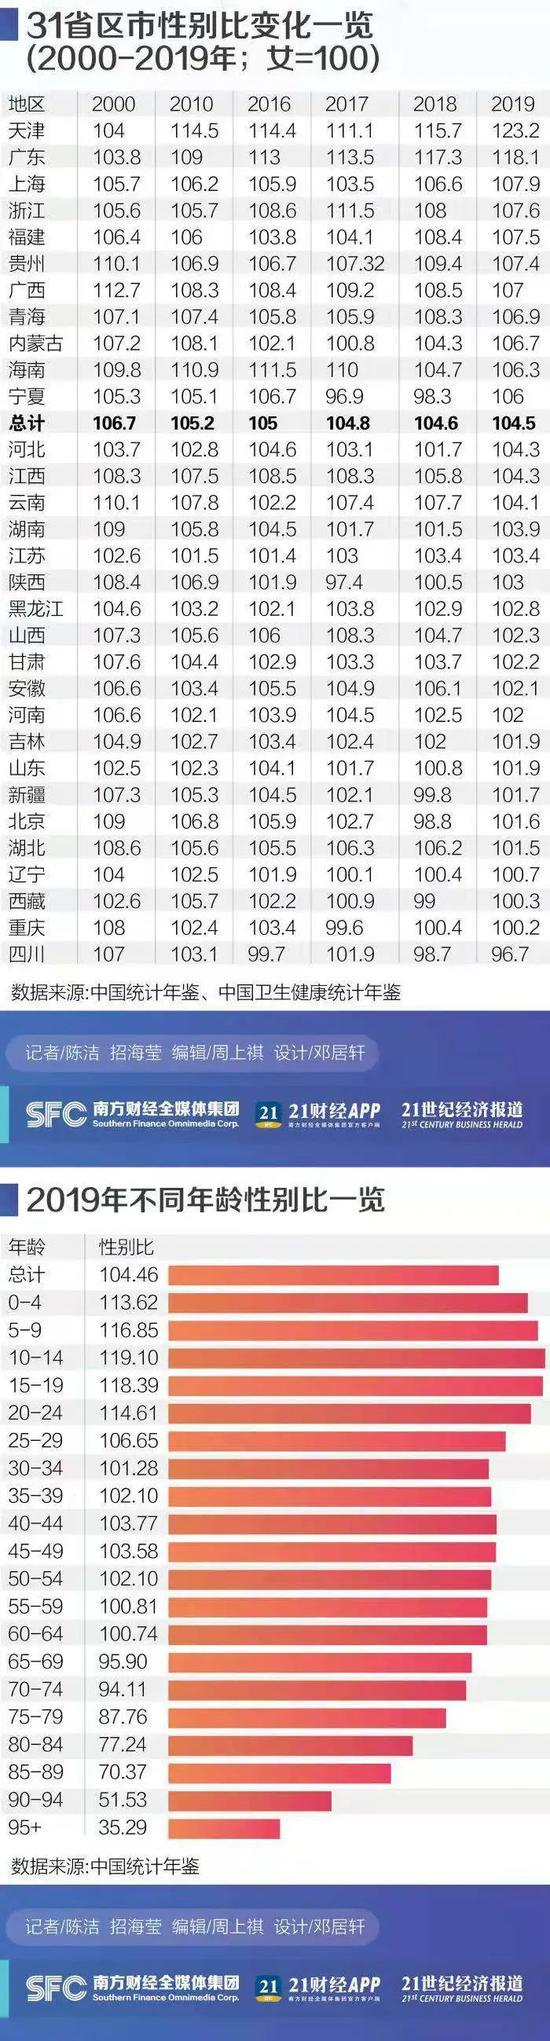 31省区市性别比变化一览(2000-2019年;女=100)